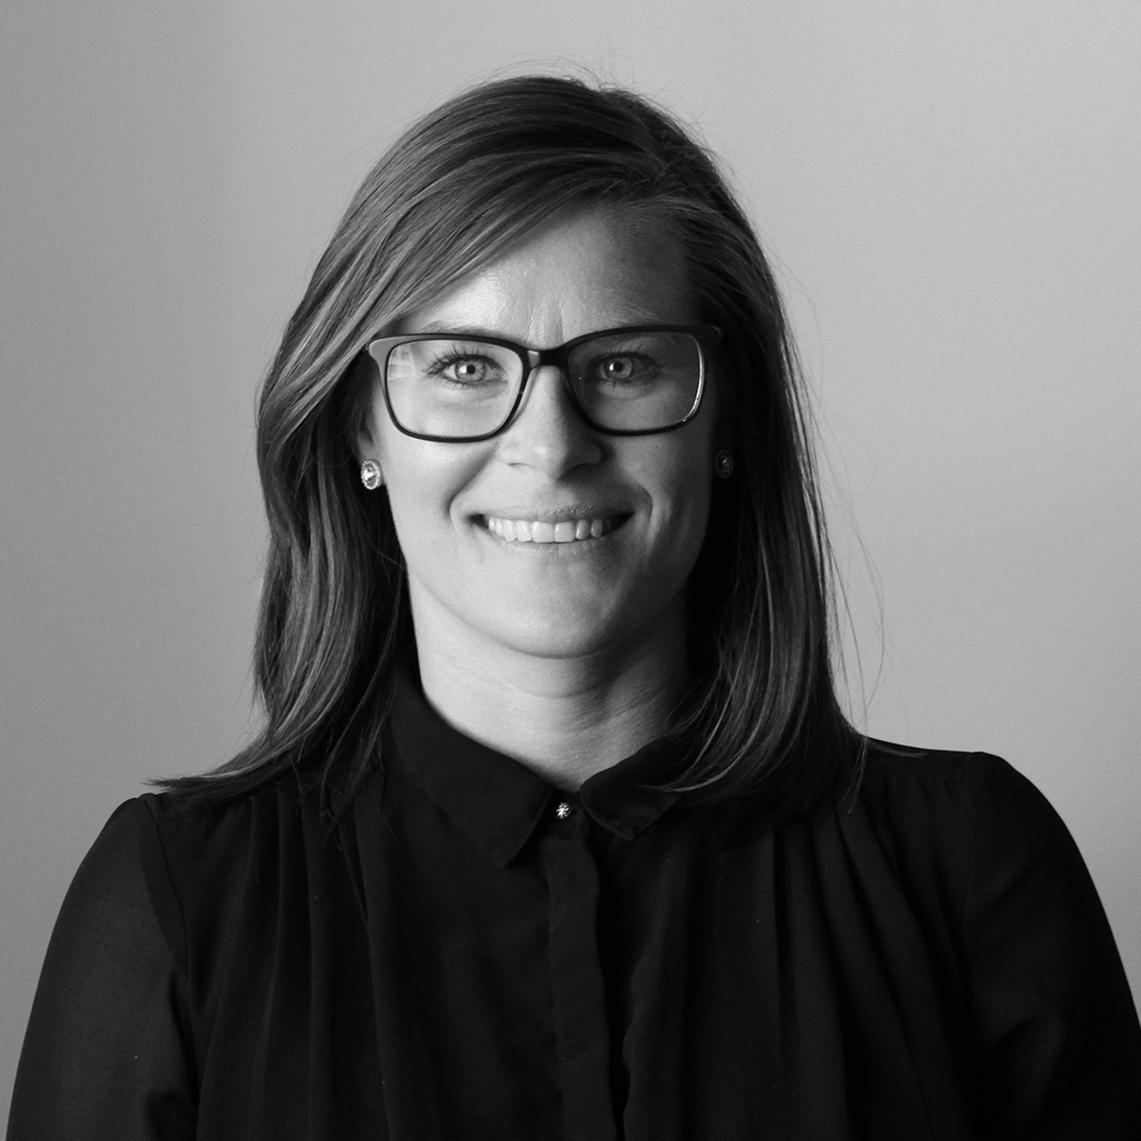 Julia Melin